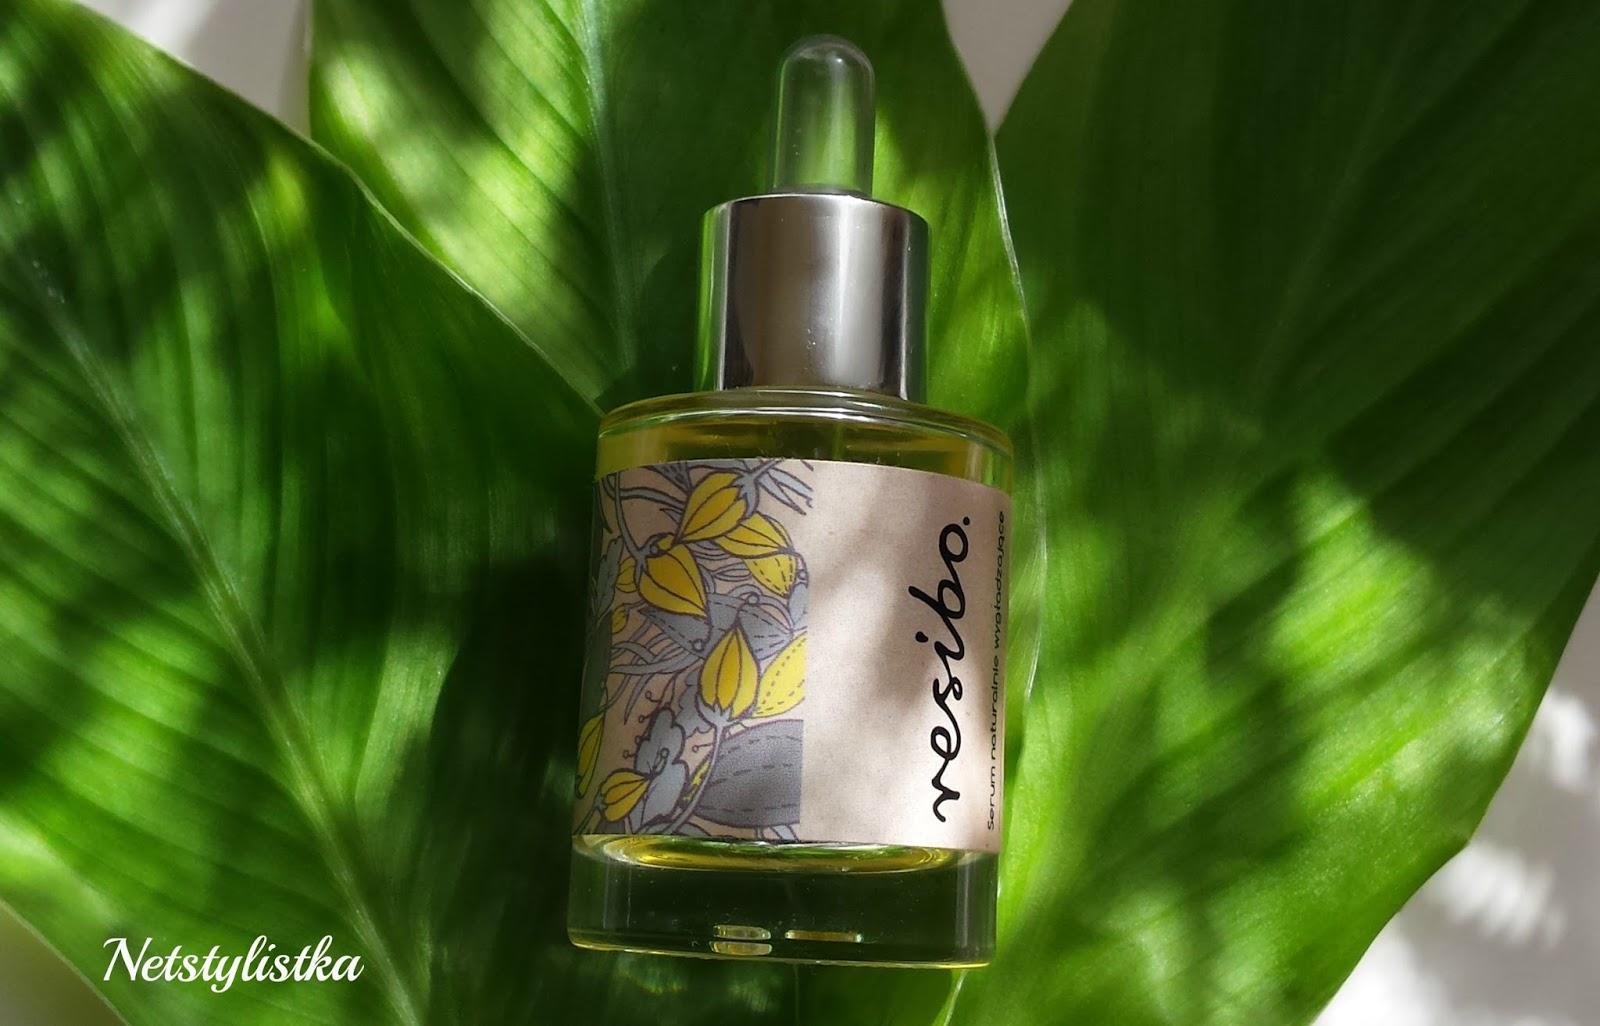 olejowe serum wygładzające Resibo - czy warto kupić?, polska marka kosmetyczna, serum Resibo, recensja na blogu, opinie o marce Resibo